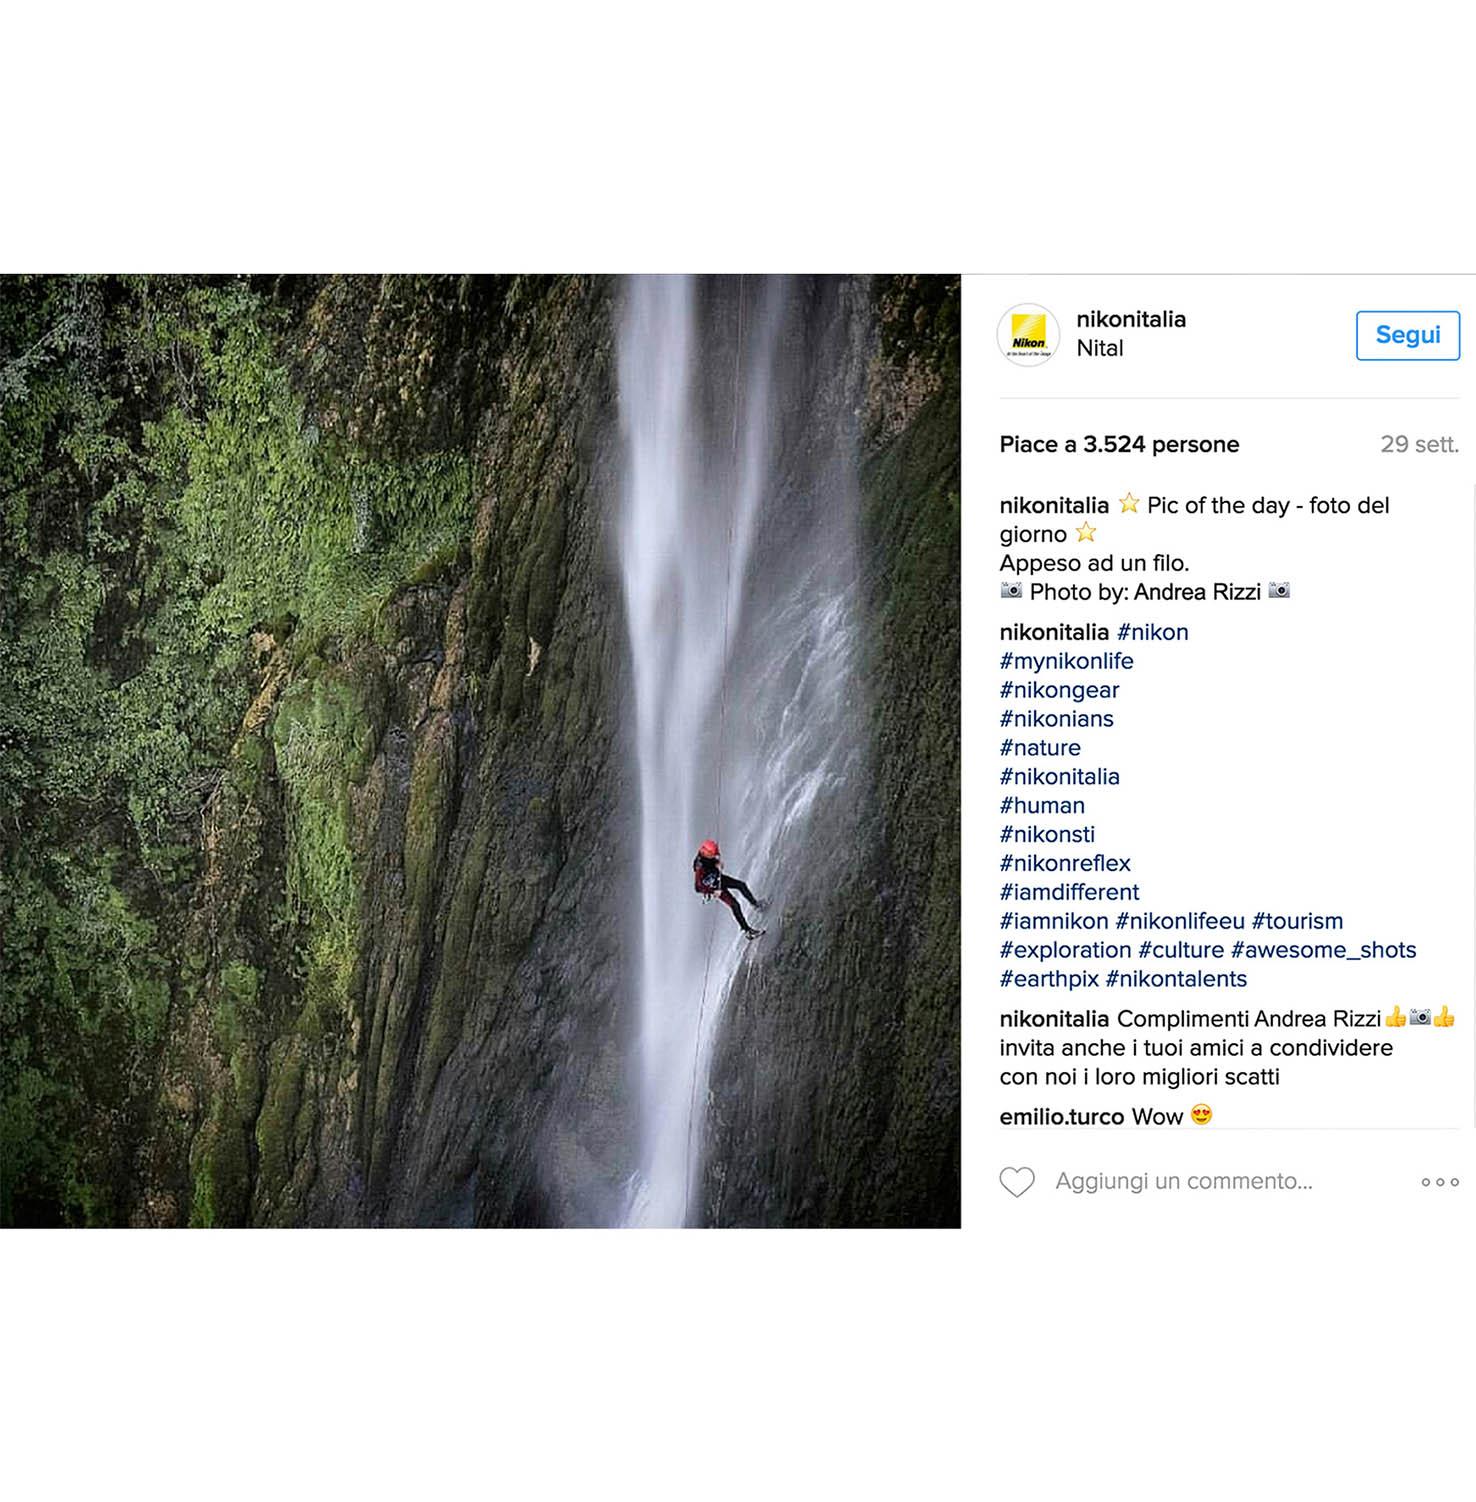 Pic of the day Nikon community Andrea Rizzi